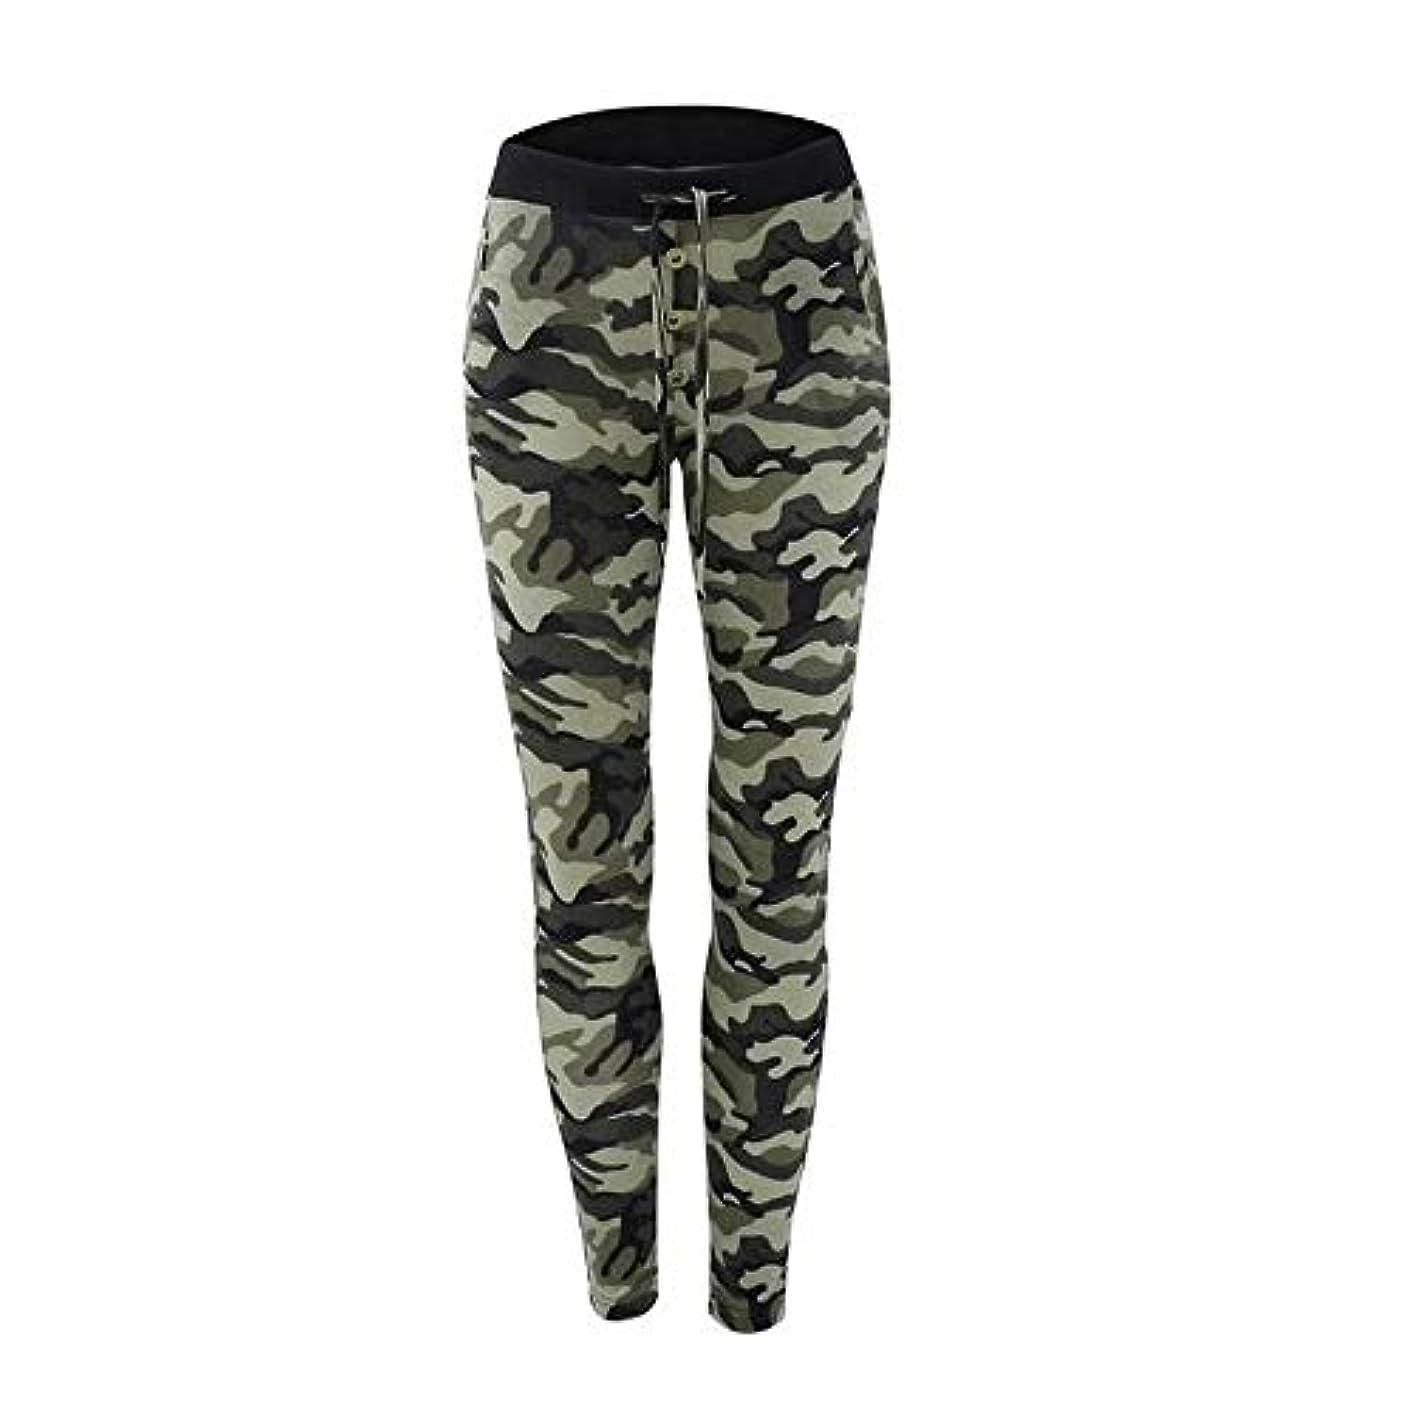 クッション受動的再びMIFAN 迷彩レギンス、スキニーパンツ、ヨガパンツ、スリムフィット、ズボン、レギンス、迷彩パンツ